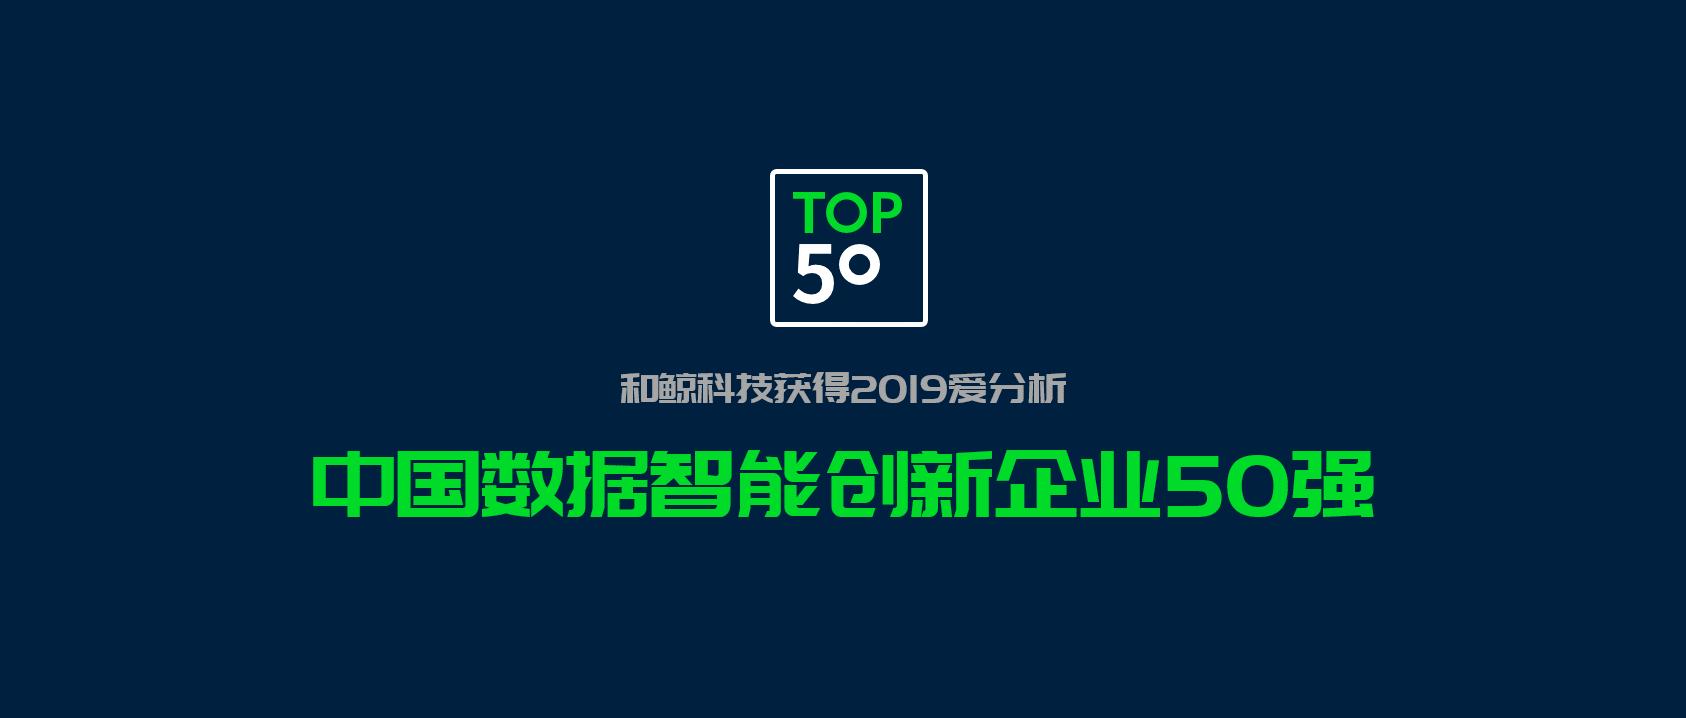 """和鲸科技位列""""中国数据智能创新企业50强""""榜单,数据科学平台进入发展快车道"""